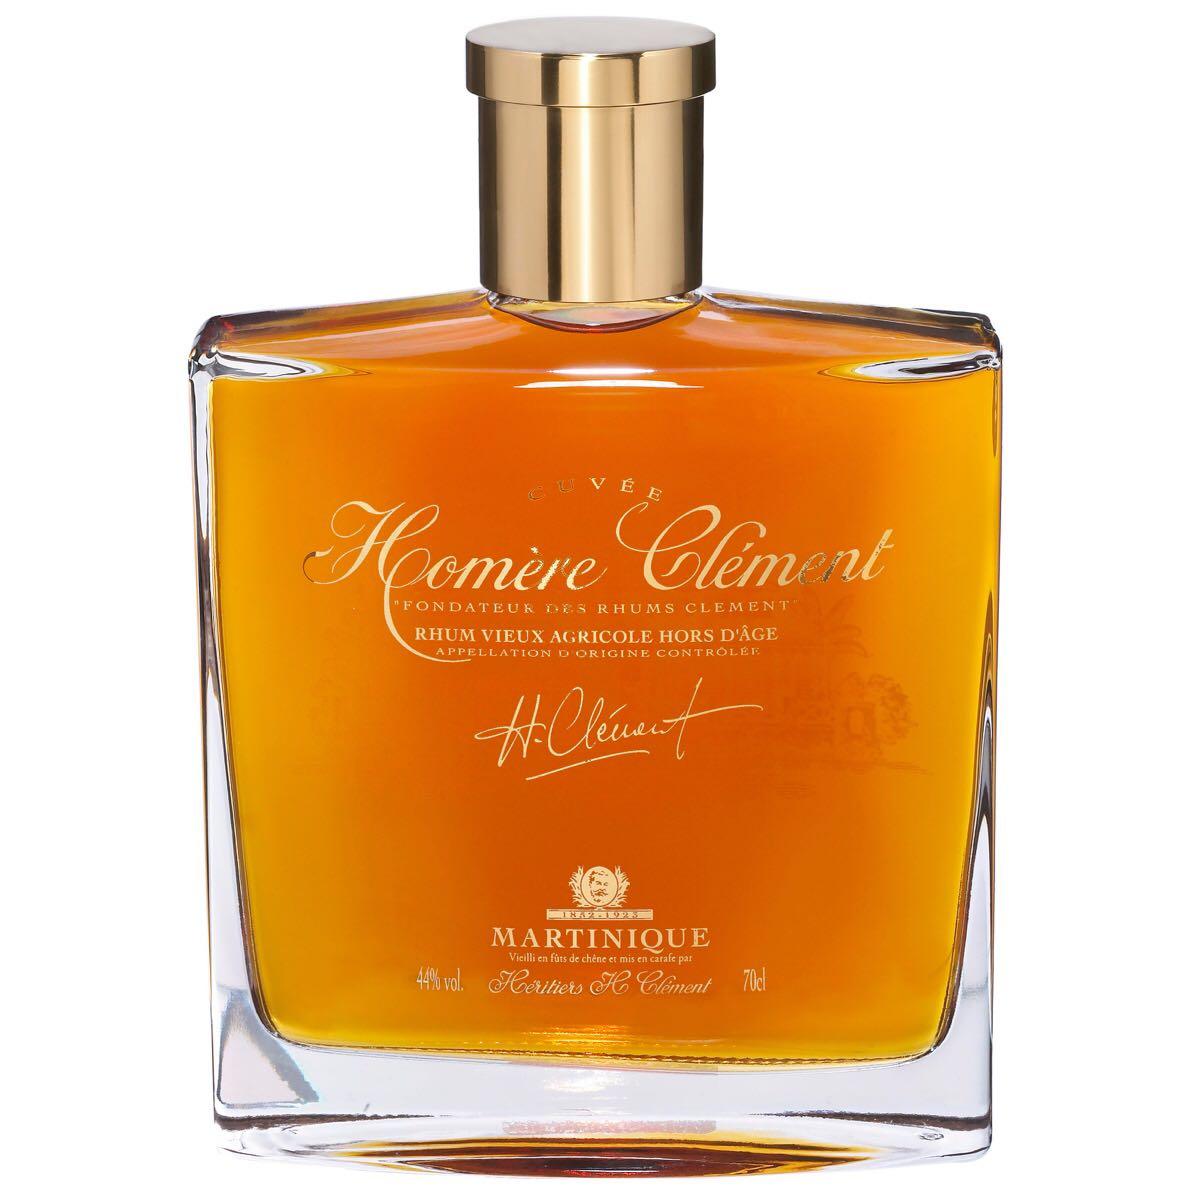 Bottle image of Clément Cuvée Speciale Homère Clément